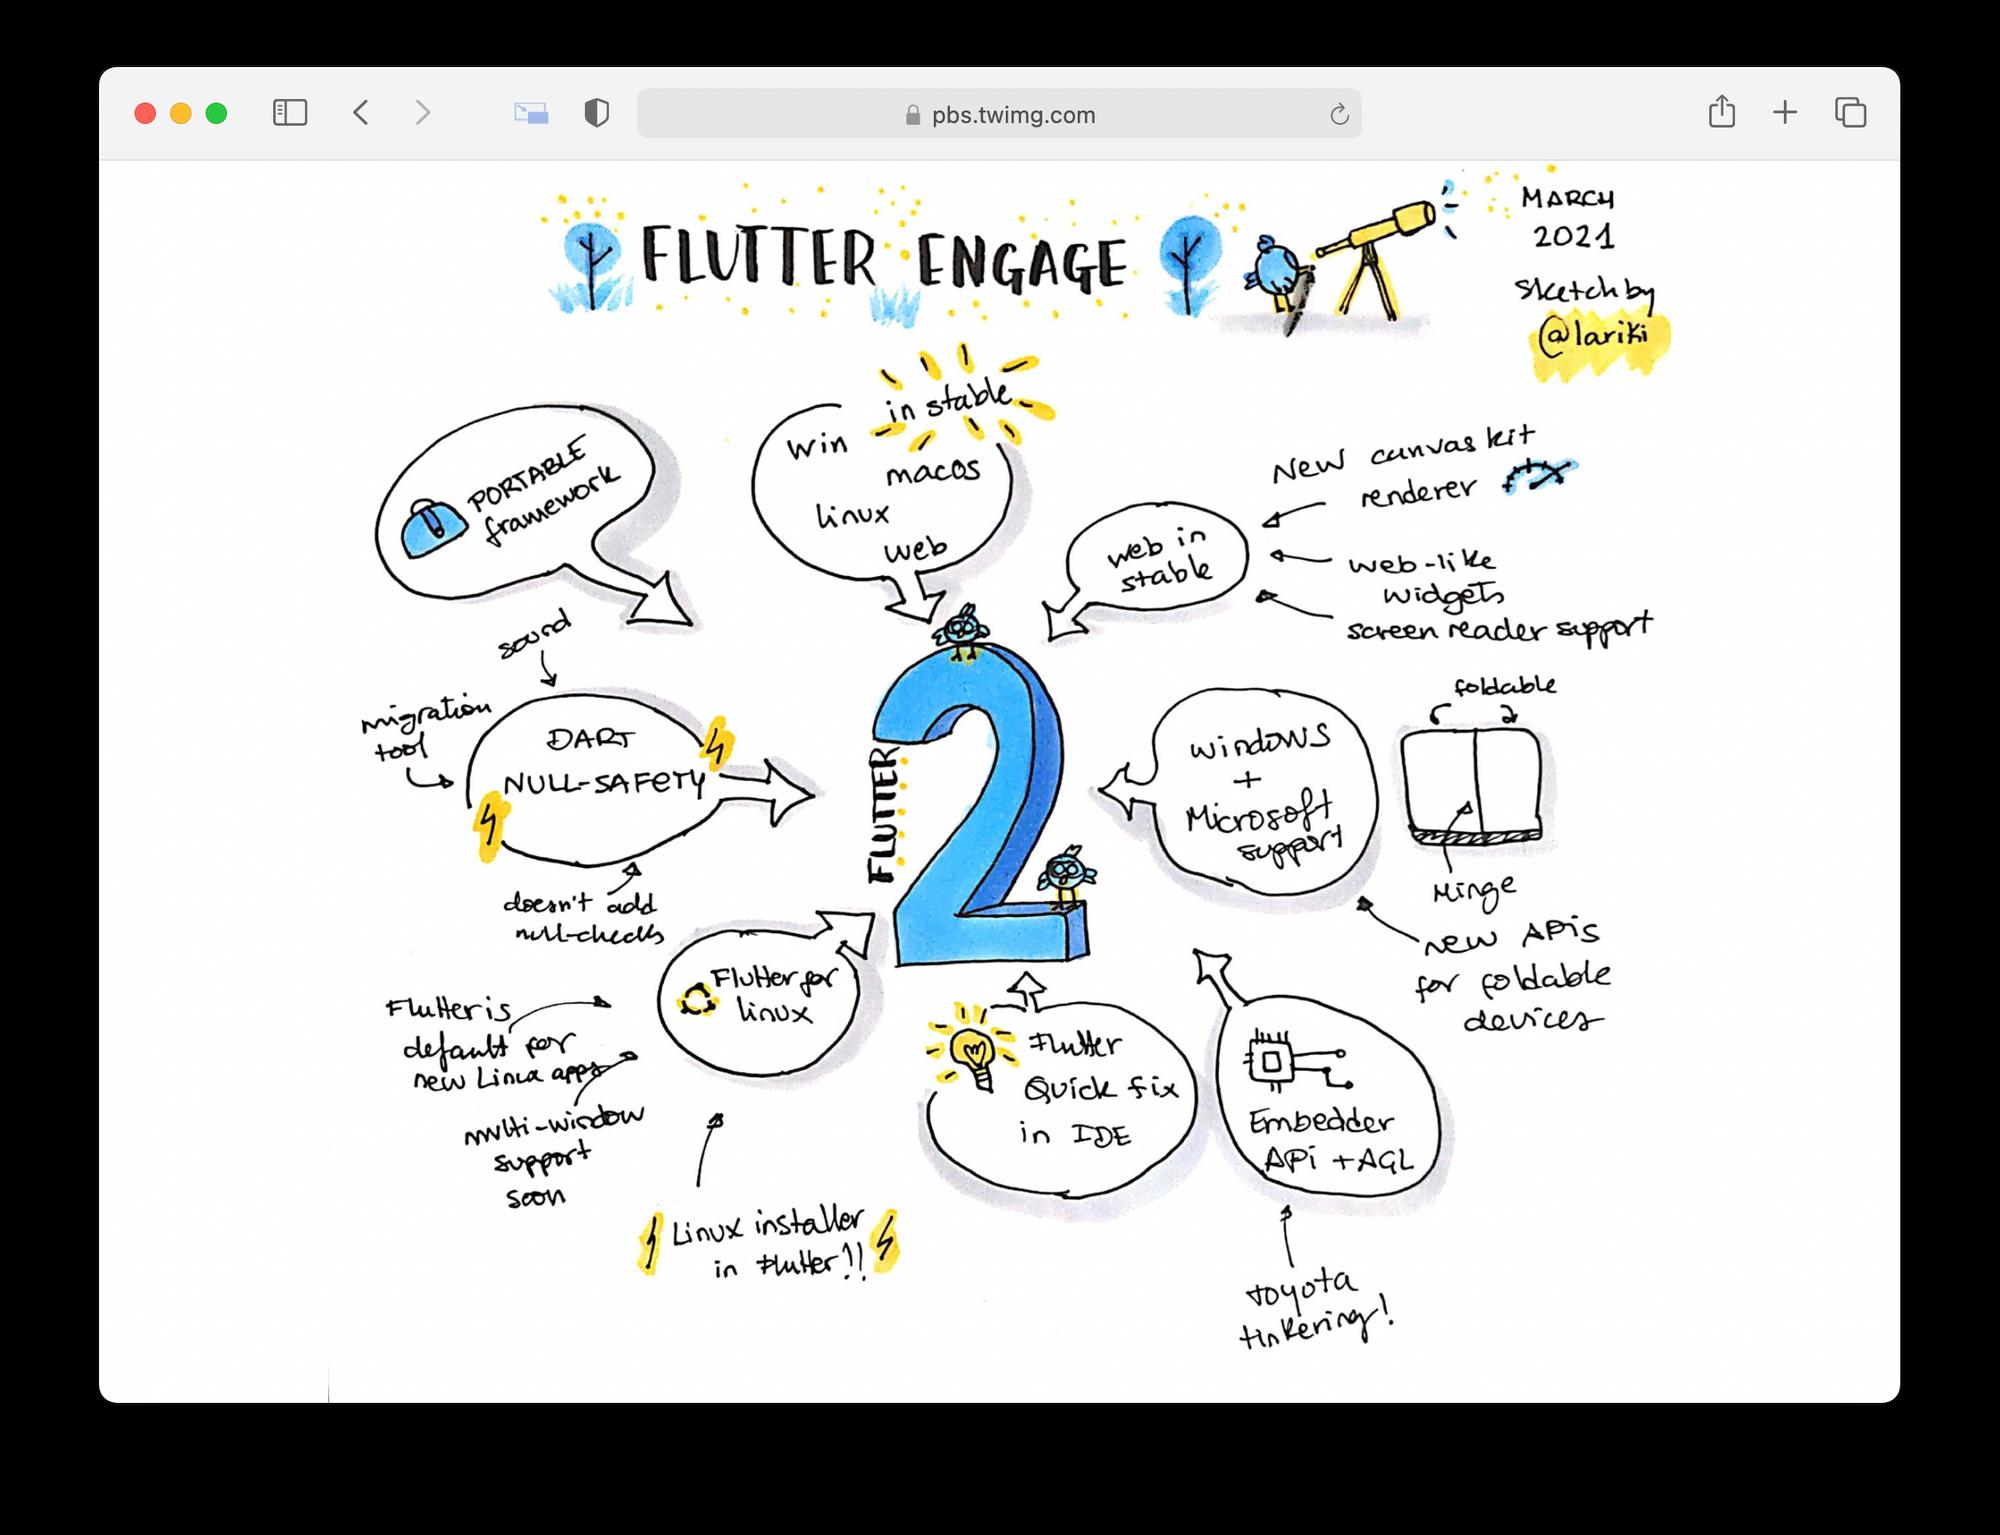 Un résumé graphique de la conférence Flutter Engage par @lariki